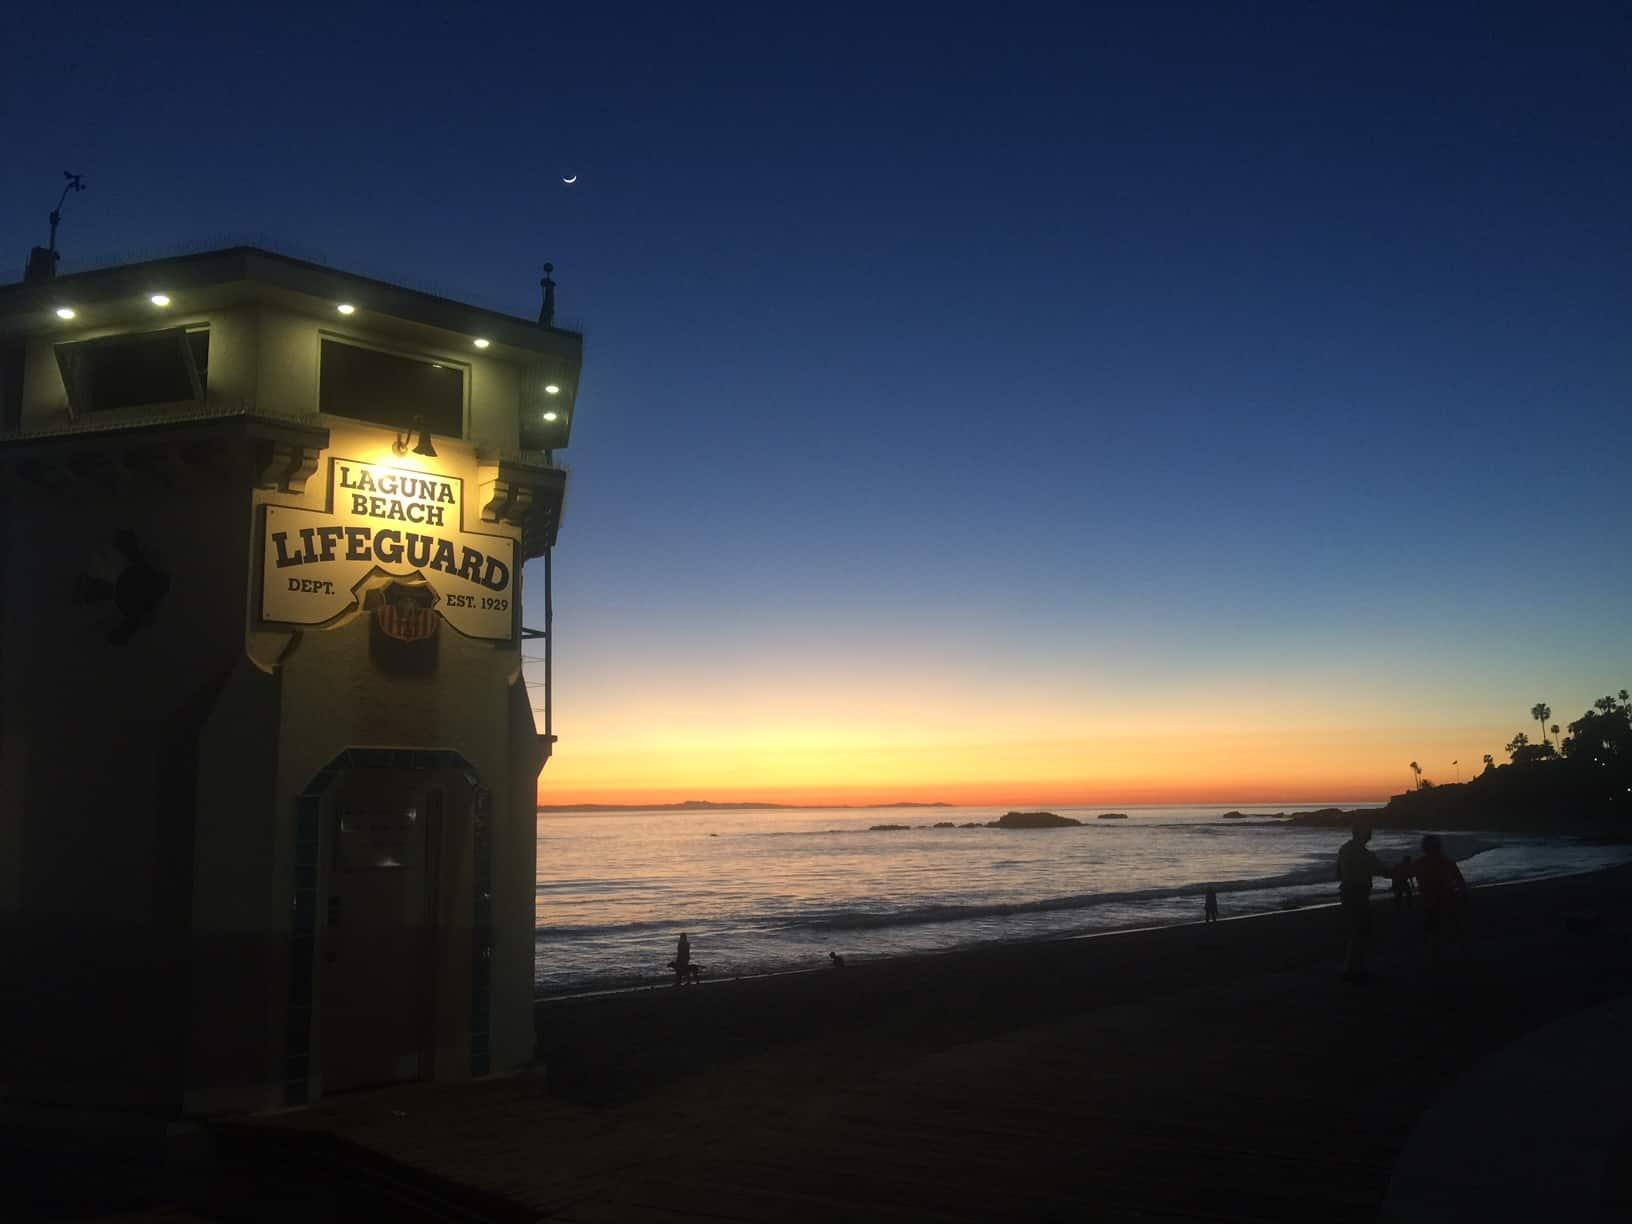 Laguna Beach Tower